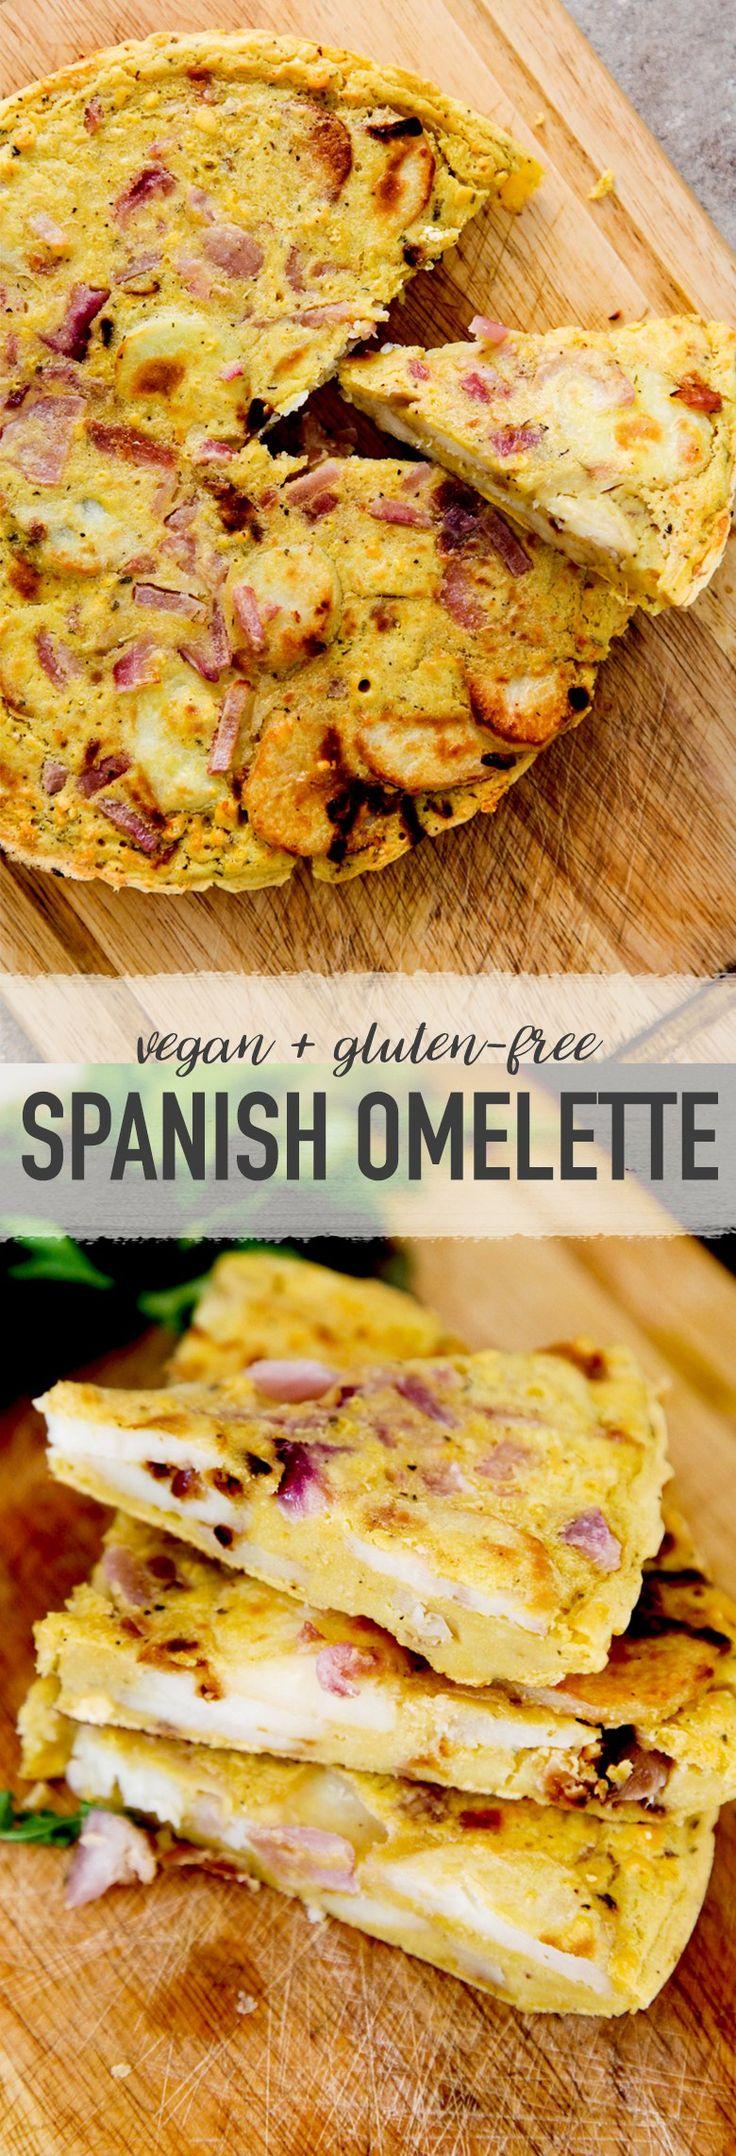 Spanish Omelette (Vegan + GF) - Wallflower Kitchen